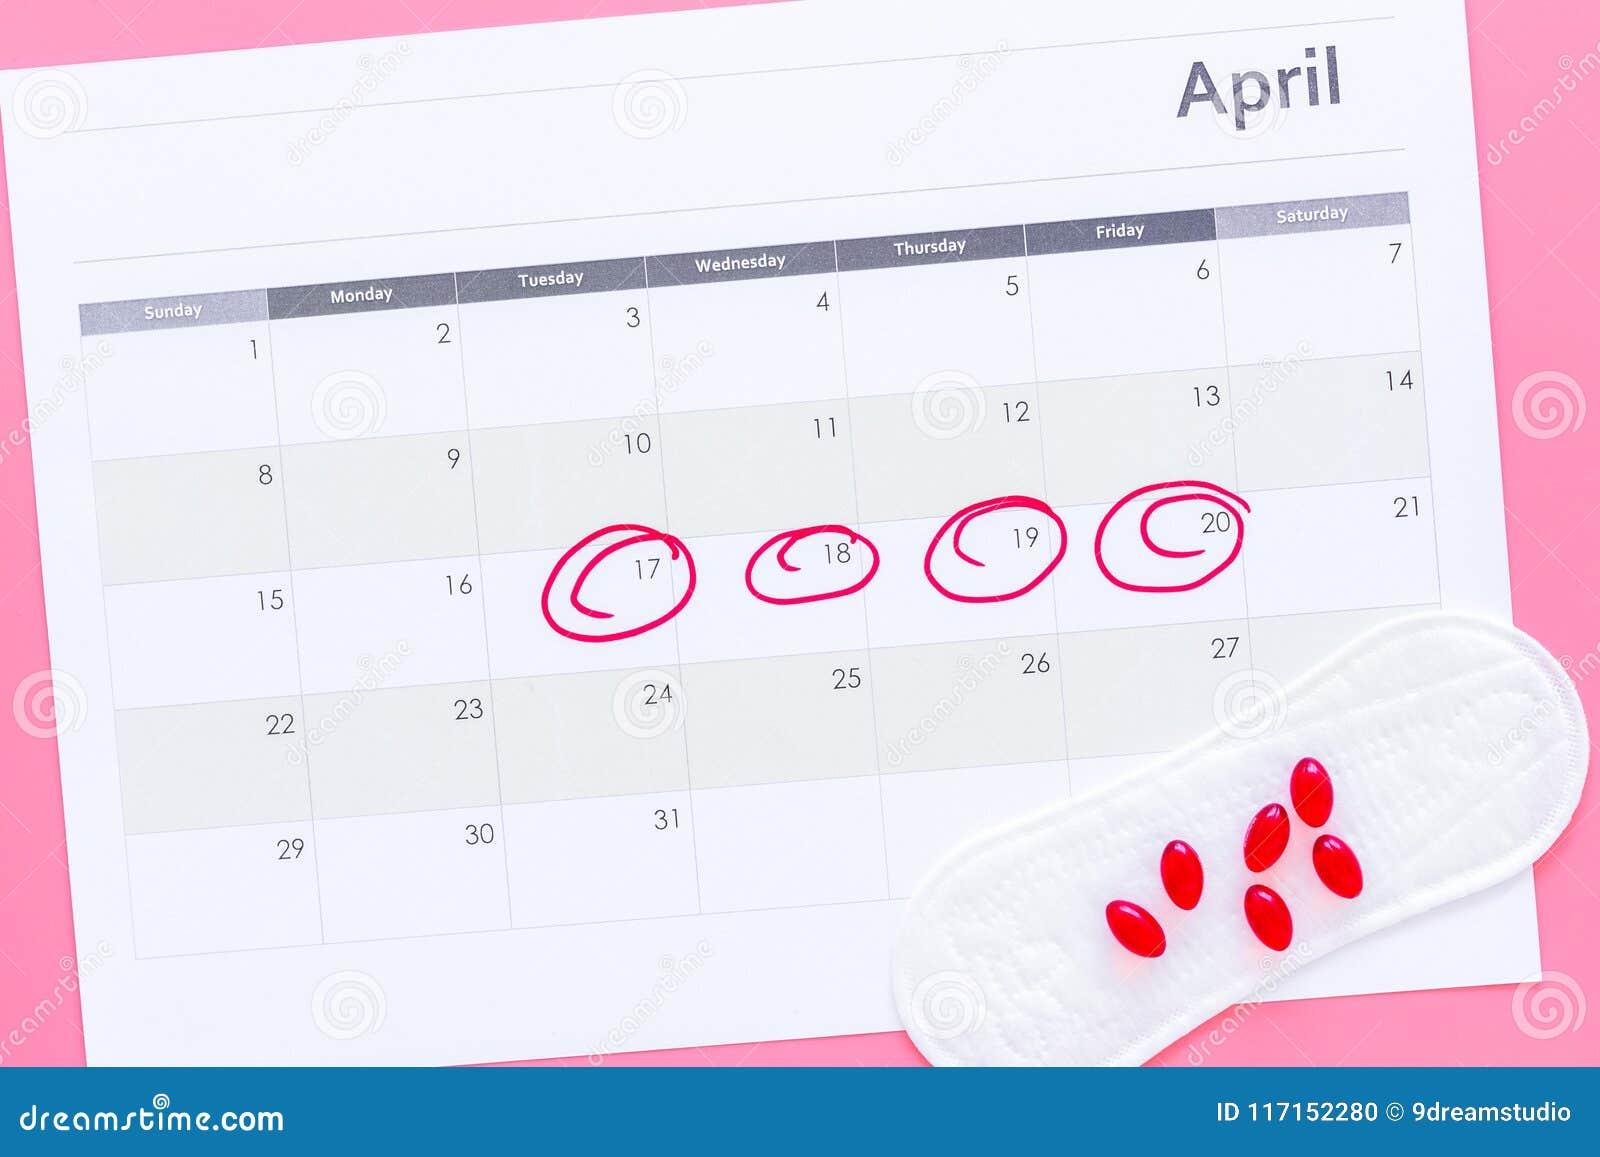 Calendario Del Ciclo Mestruale.Concetto Del Ciclo Di Mestruazione Calendario Di